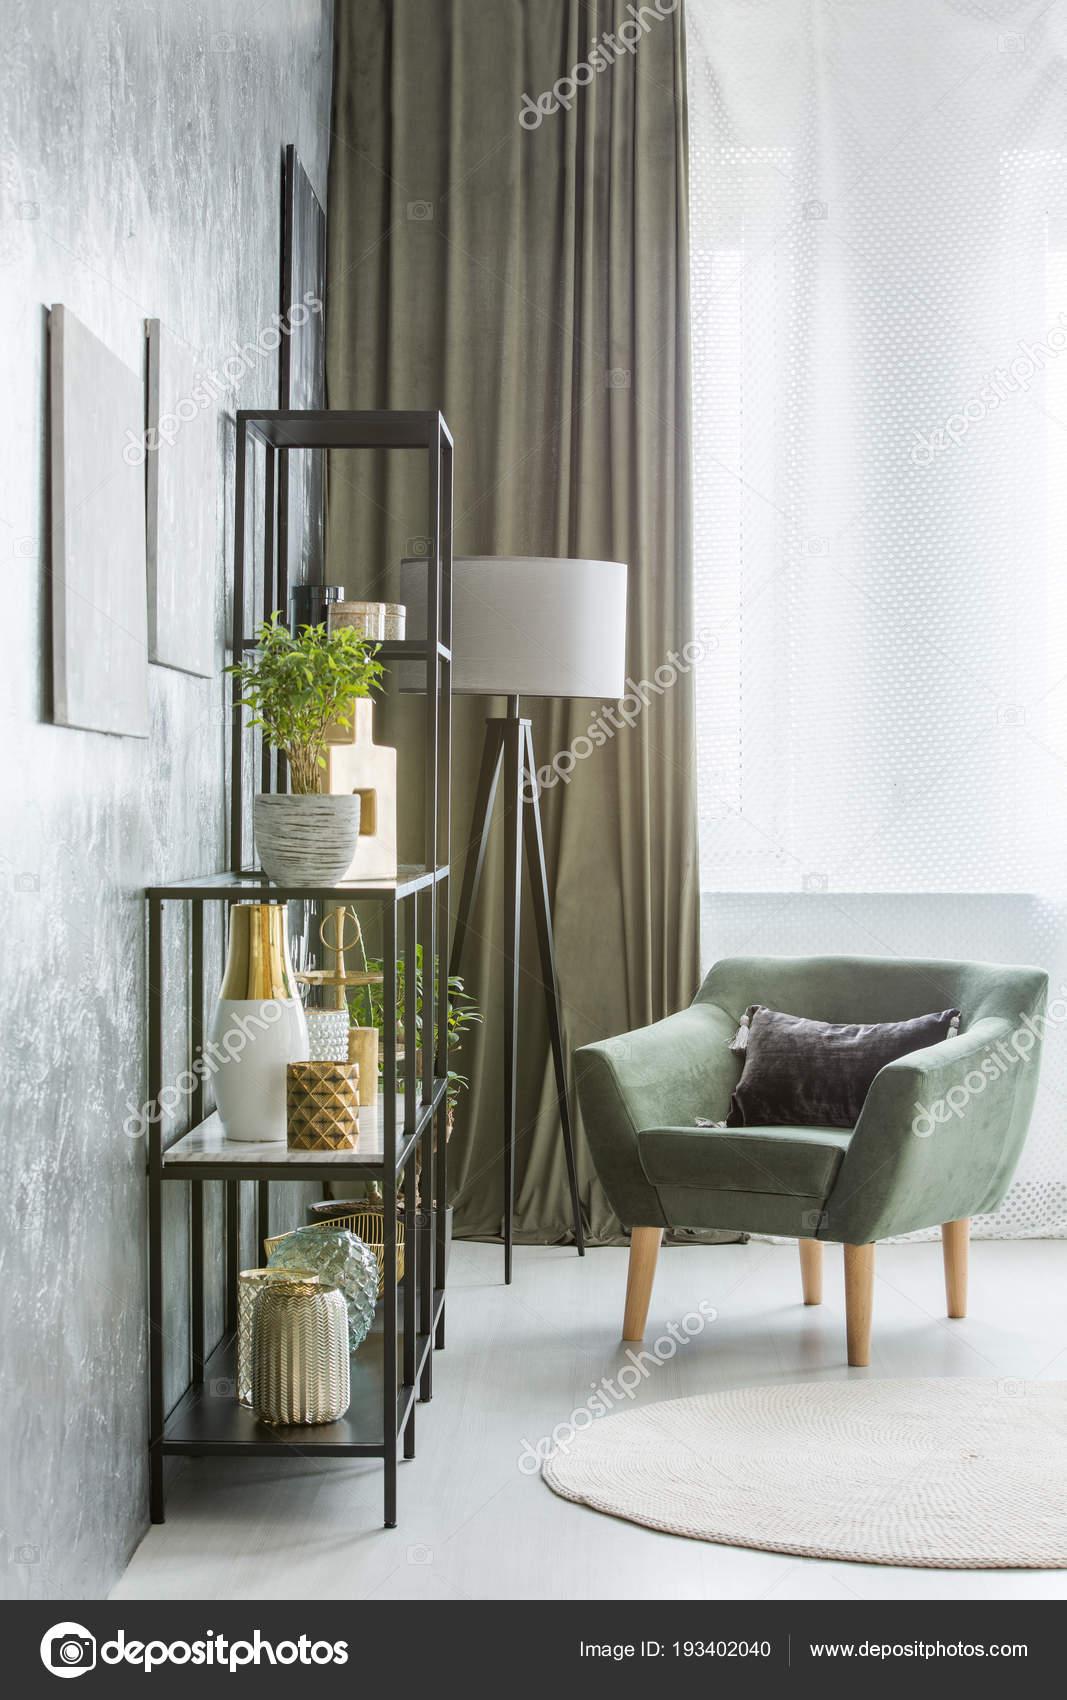 Grüne Sessel Neben Regalen Und Lampe Wohnzimmer Interieur ...